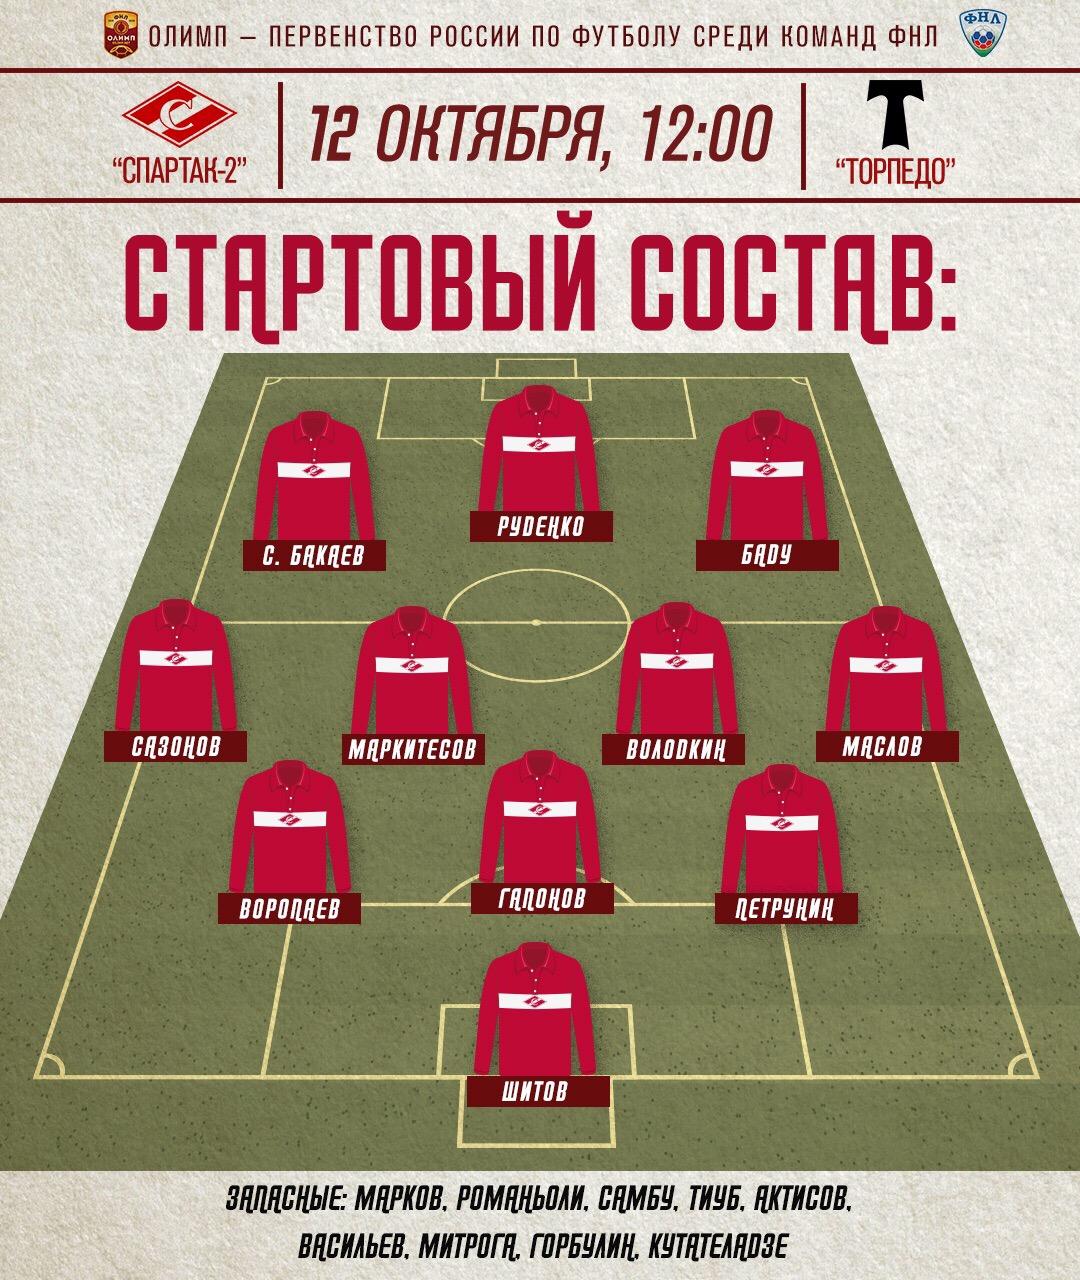 Состав «Спартака-2» на матч с «Торпедо»